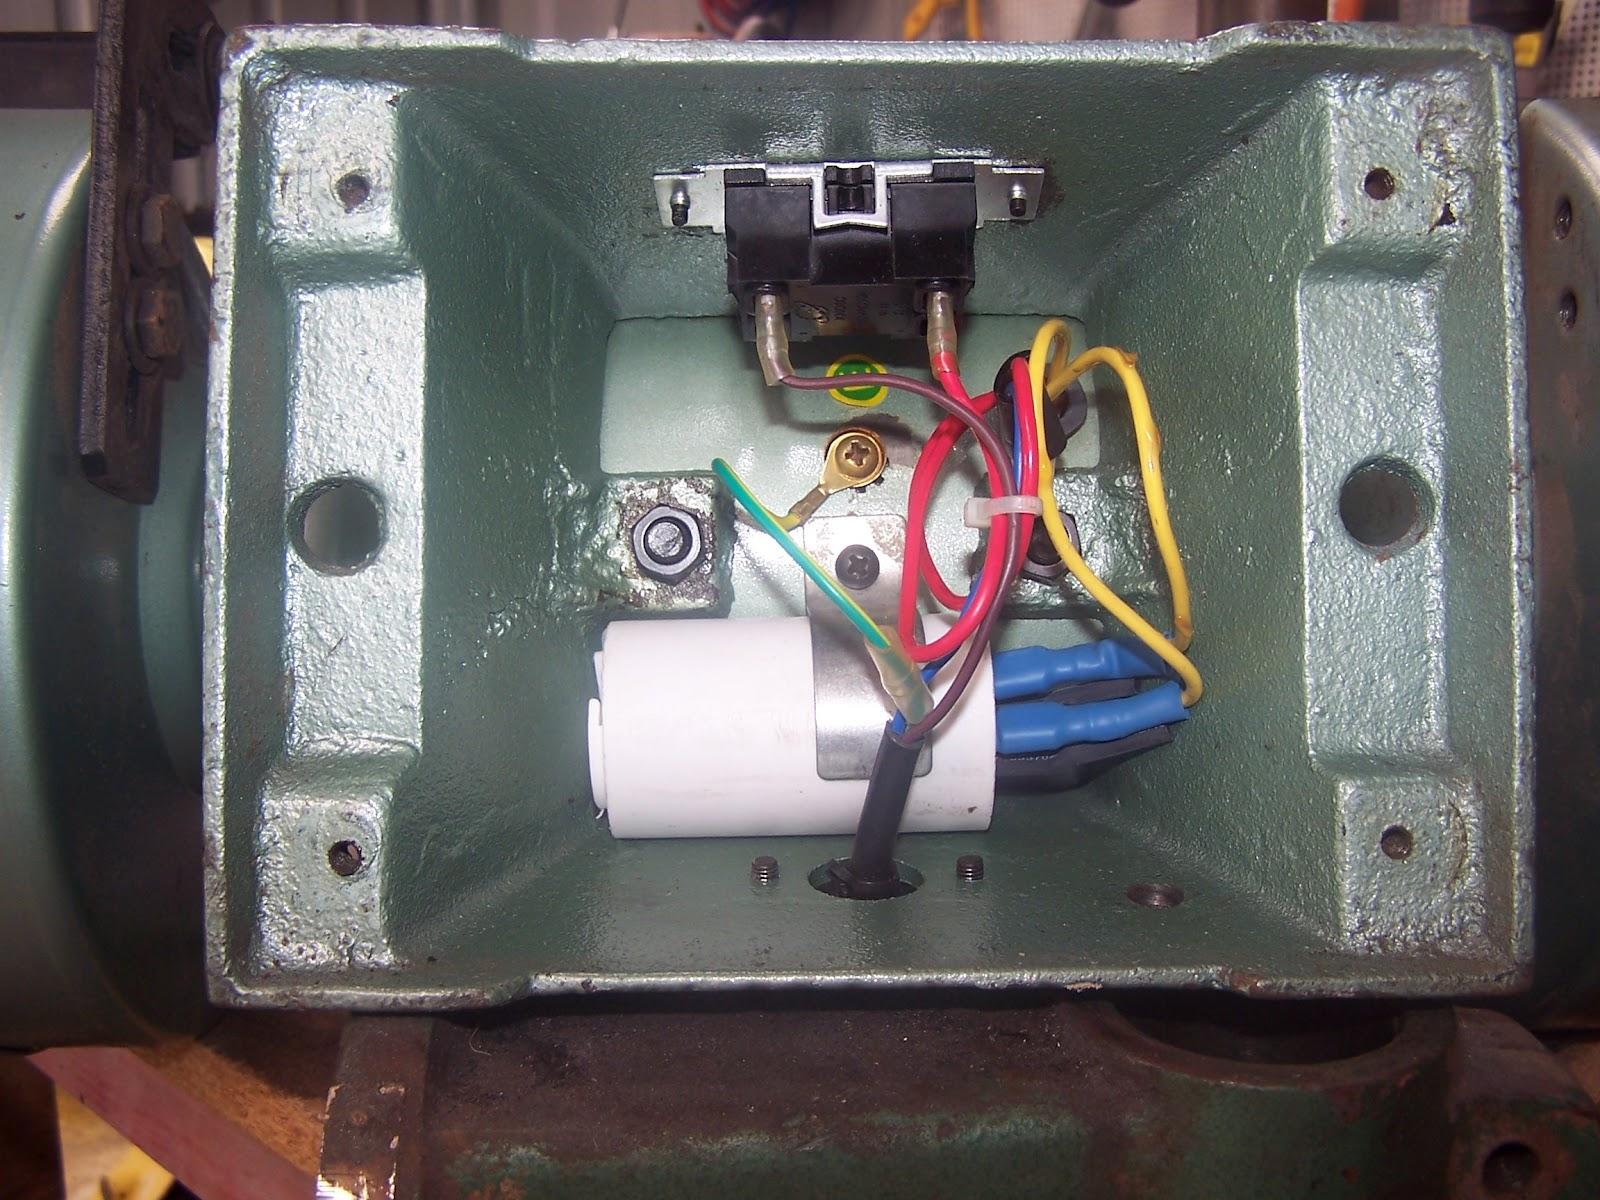 Dayton Bench Grinder Wiring Diagram